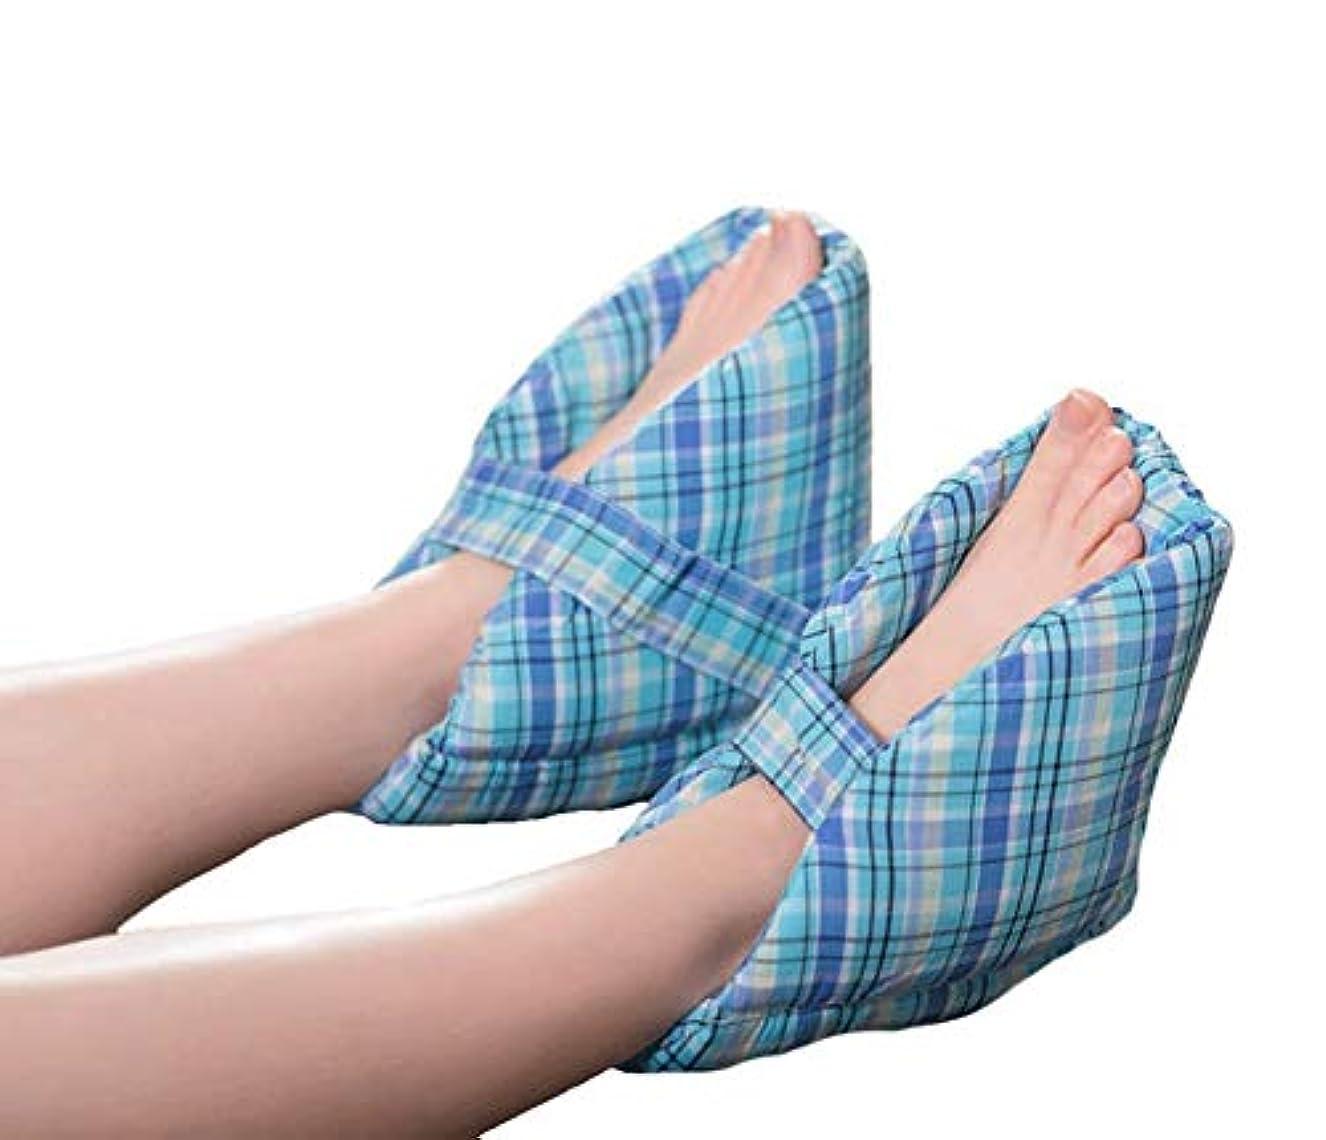 奪うほかに麻酔薬かかとプロテクター枕、足補正カバー、効果的なPressure瘡とかかと潰瘍の救済、腫れた足に最適、快適なかかと保護足枕、1ペア